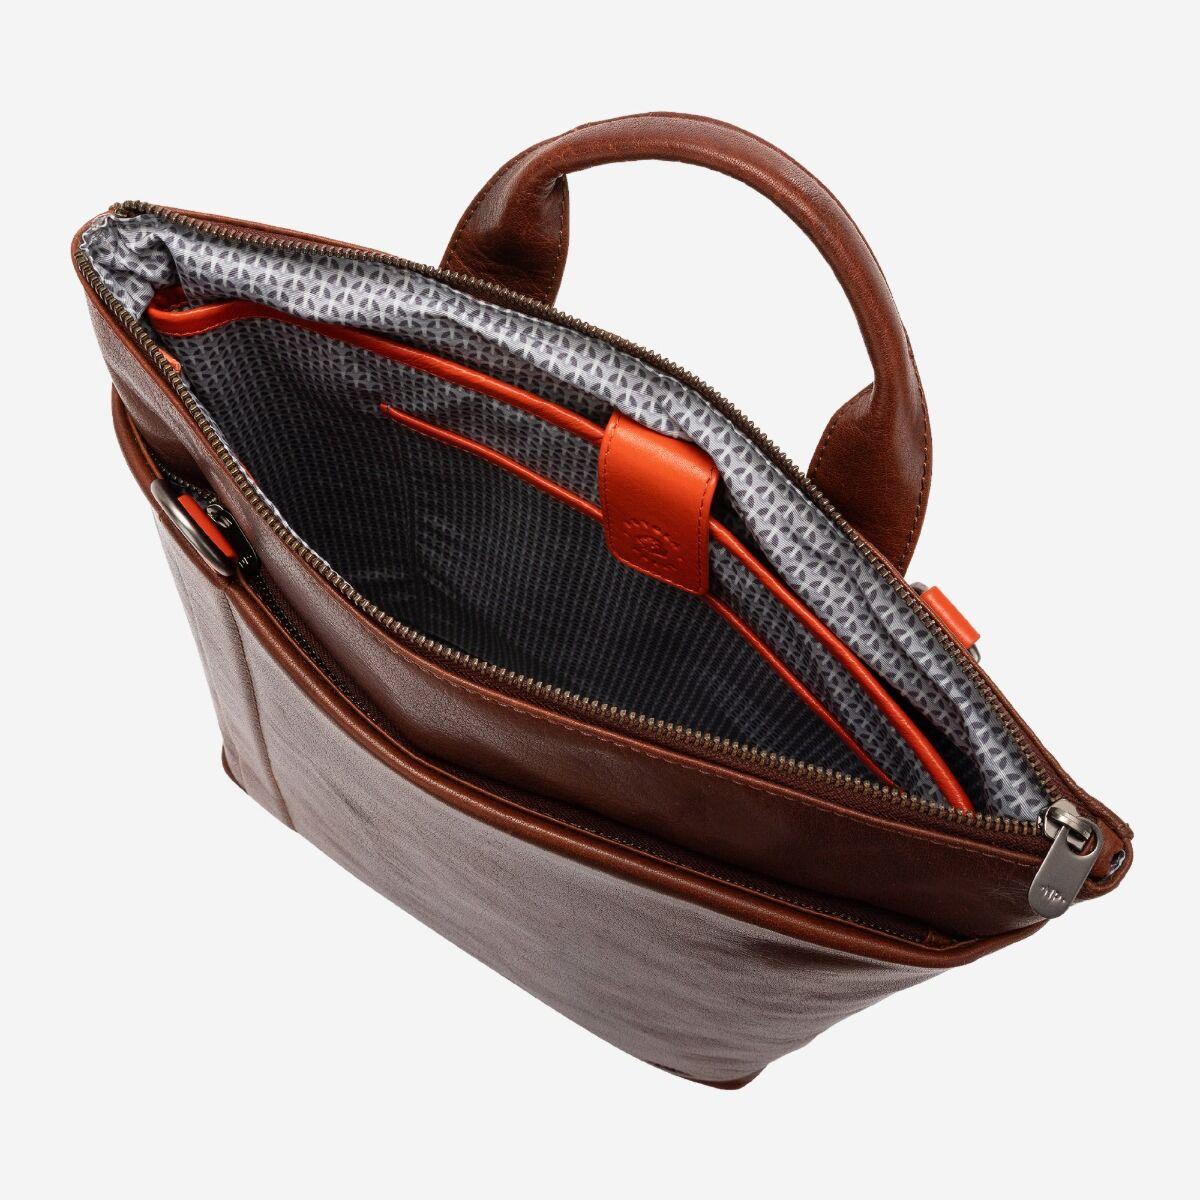 Laptop-Rucksack/Tasche für Herren aus Leder